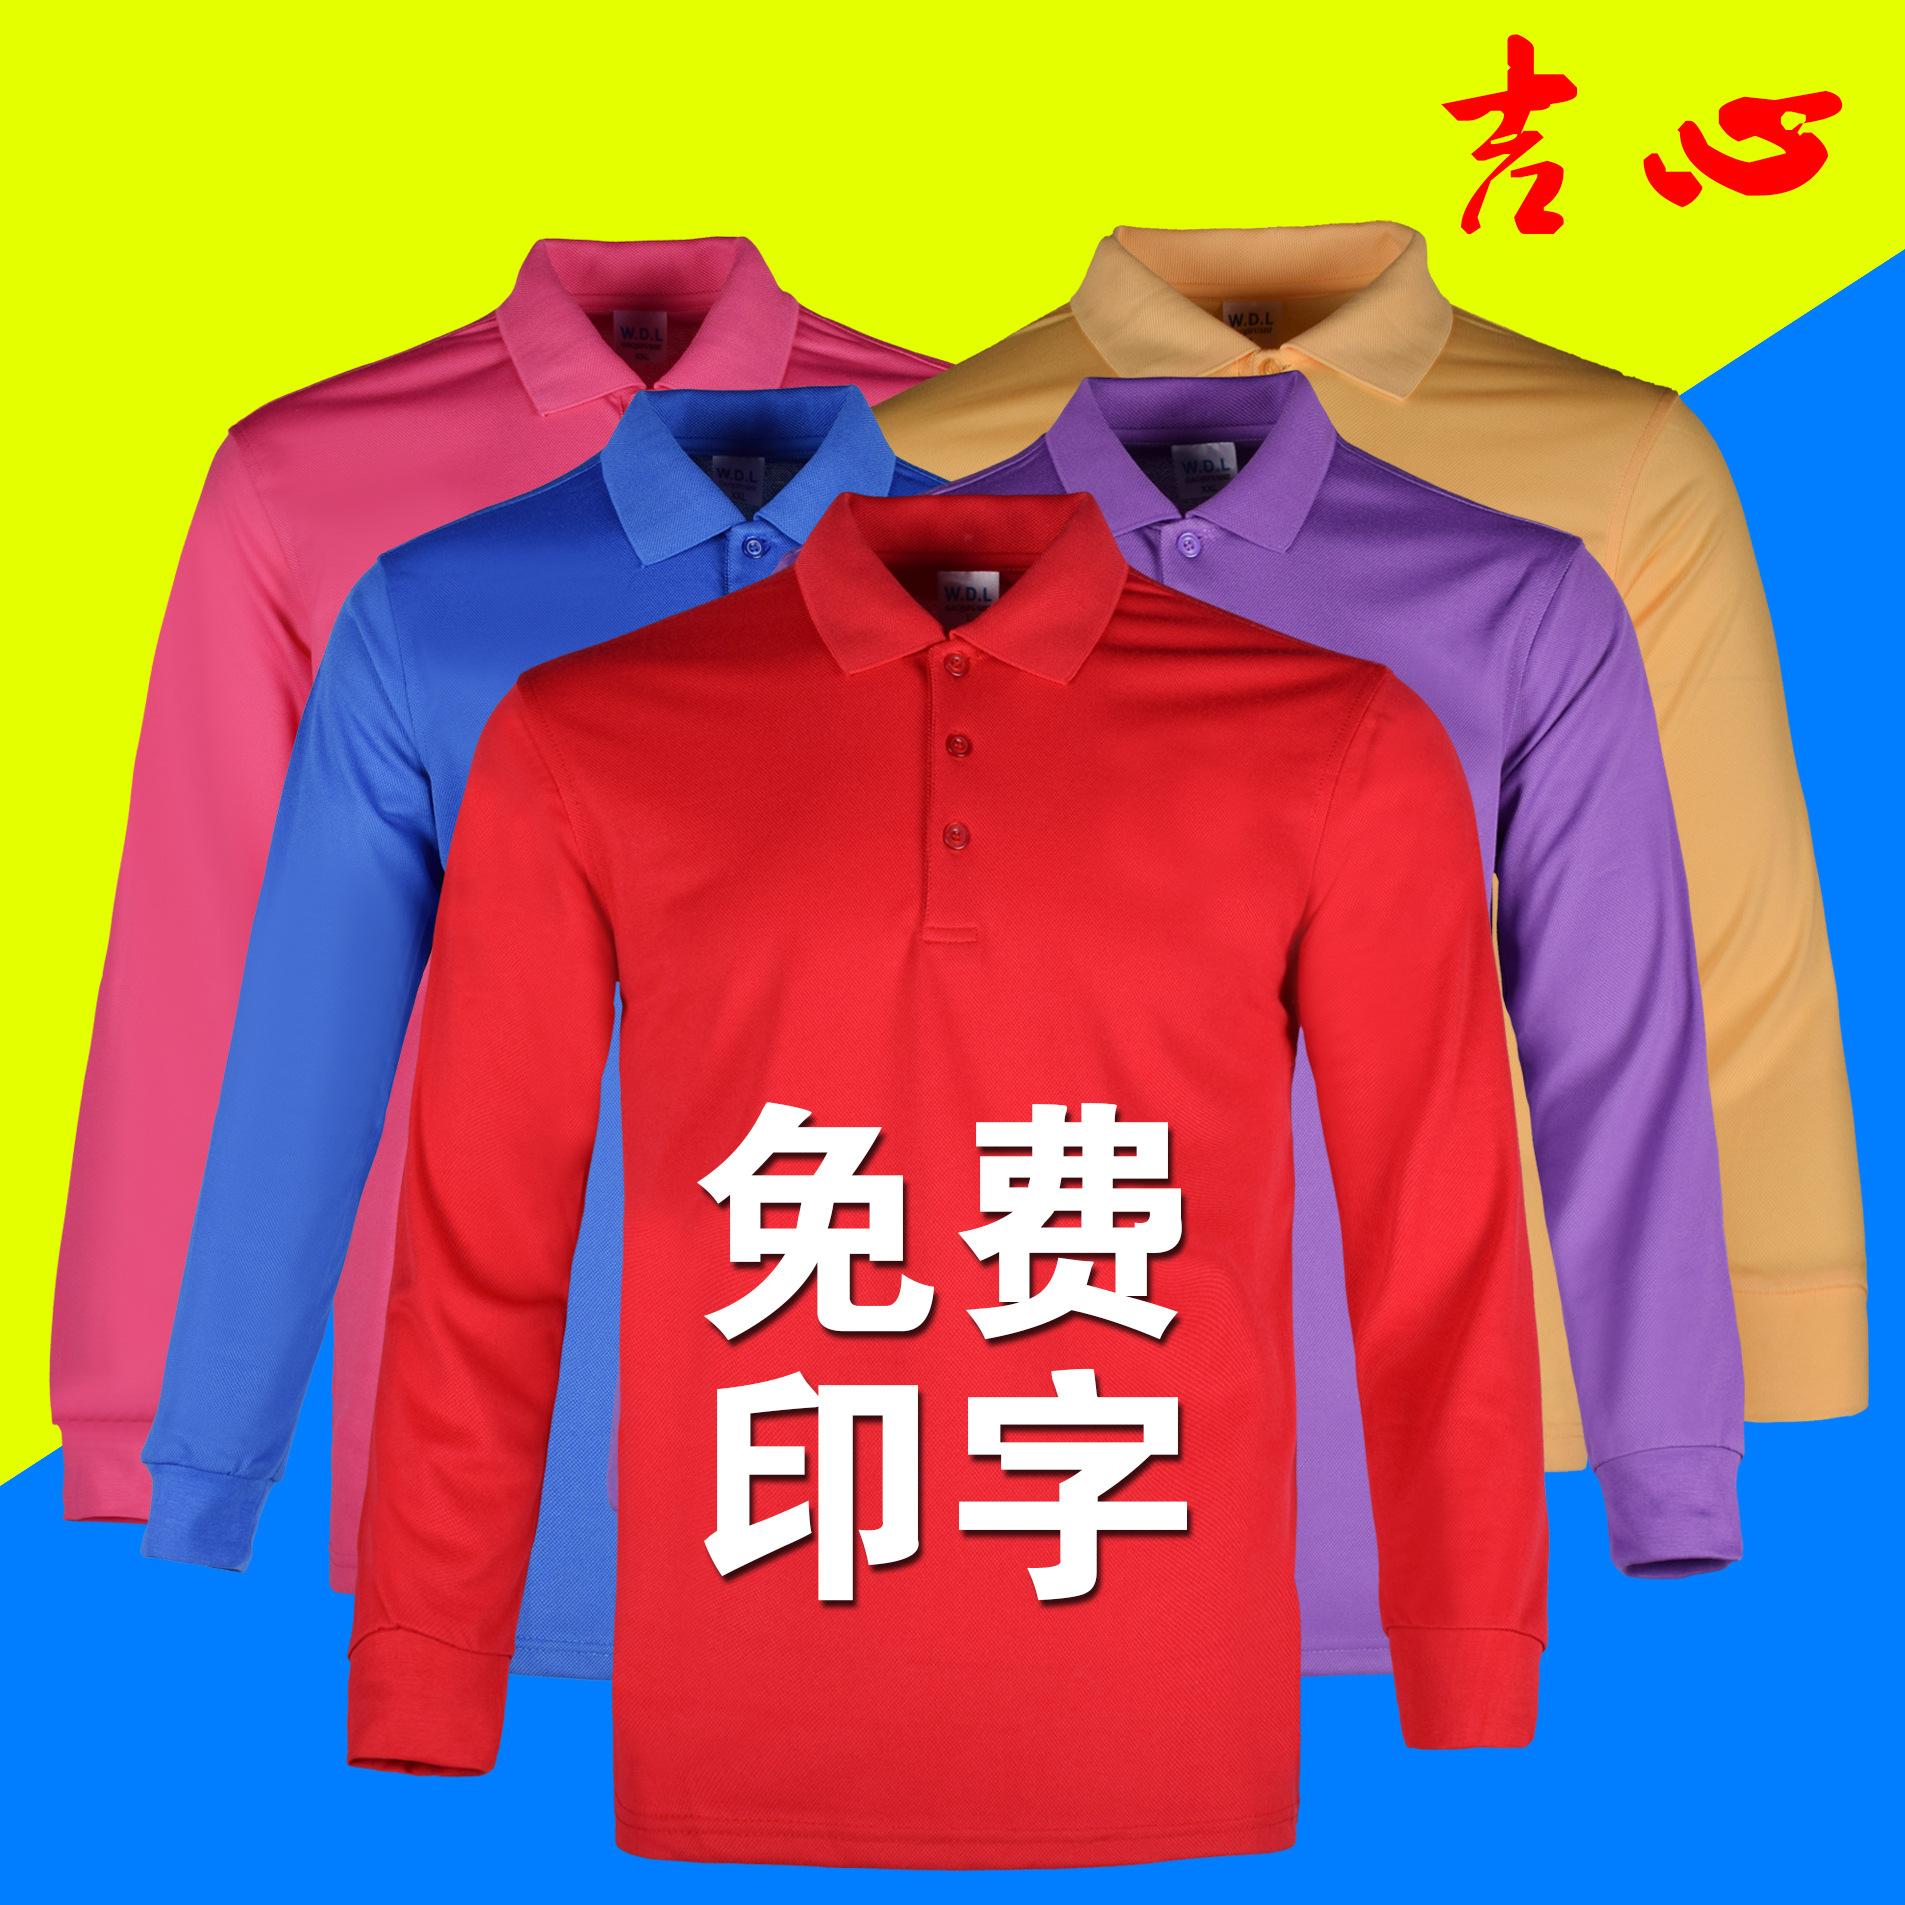 春秋款人棉长袖t恤  定制男女式长袖珠地网眼广告衫  团体活动班服